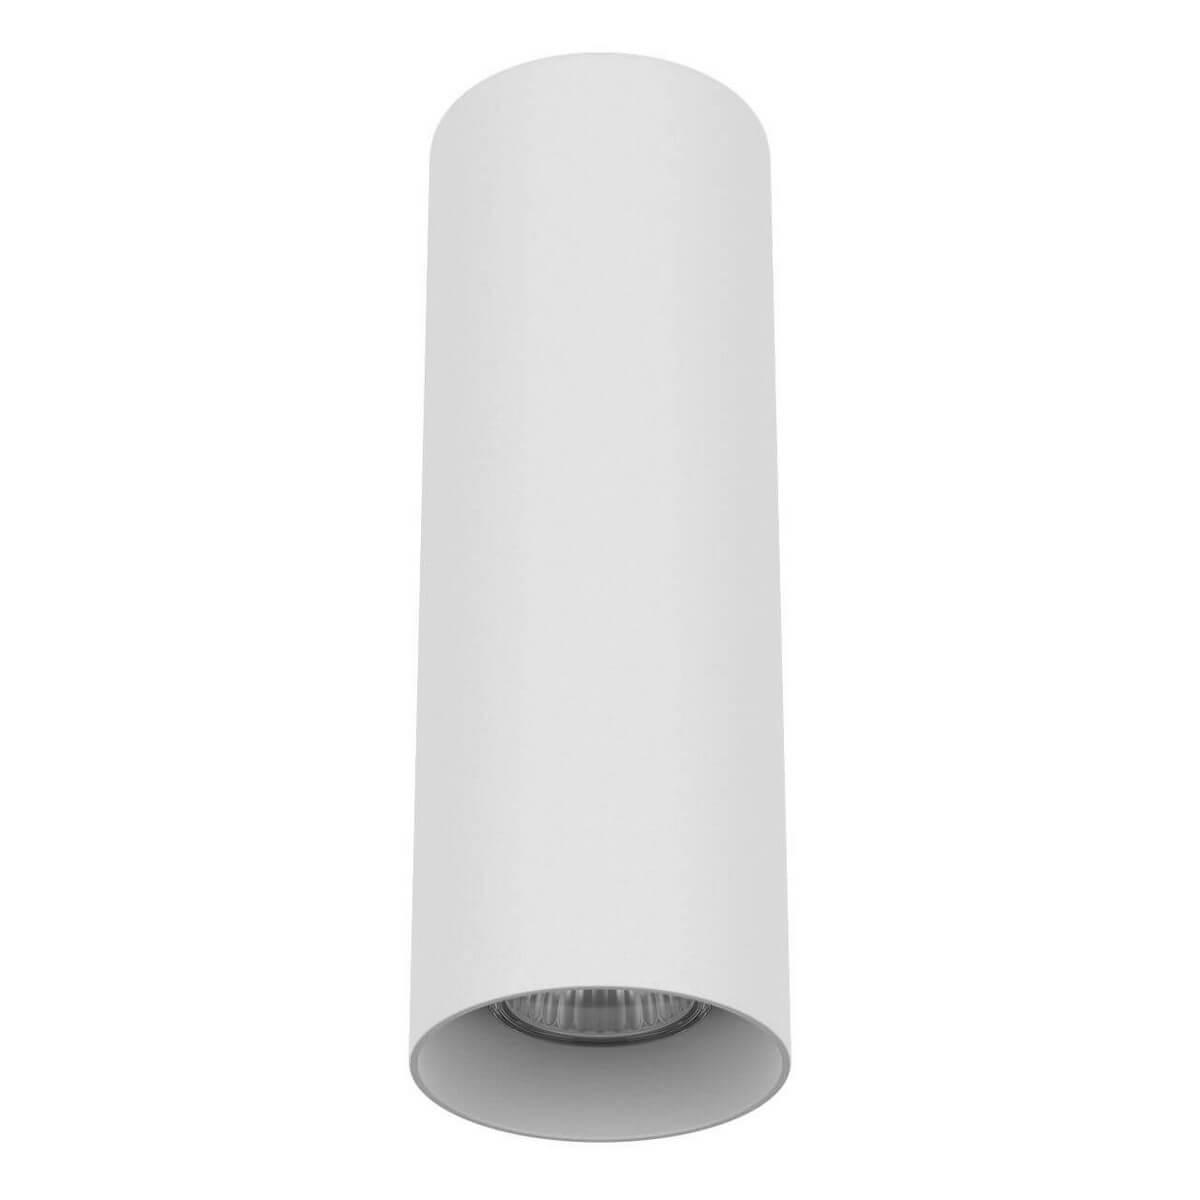 Потолочный светильник Lightstar 216496, GU10, 50 Вт светильник lightstar rullo ls 214436